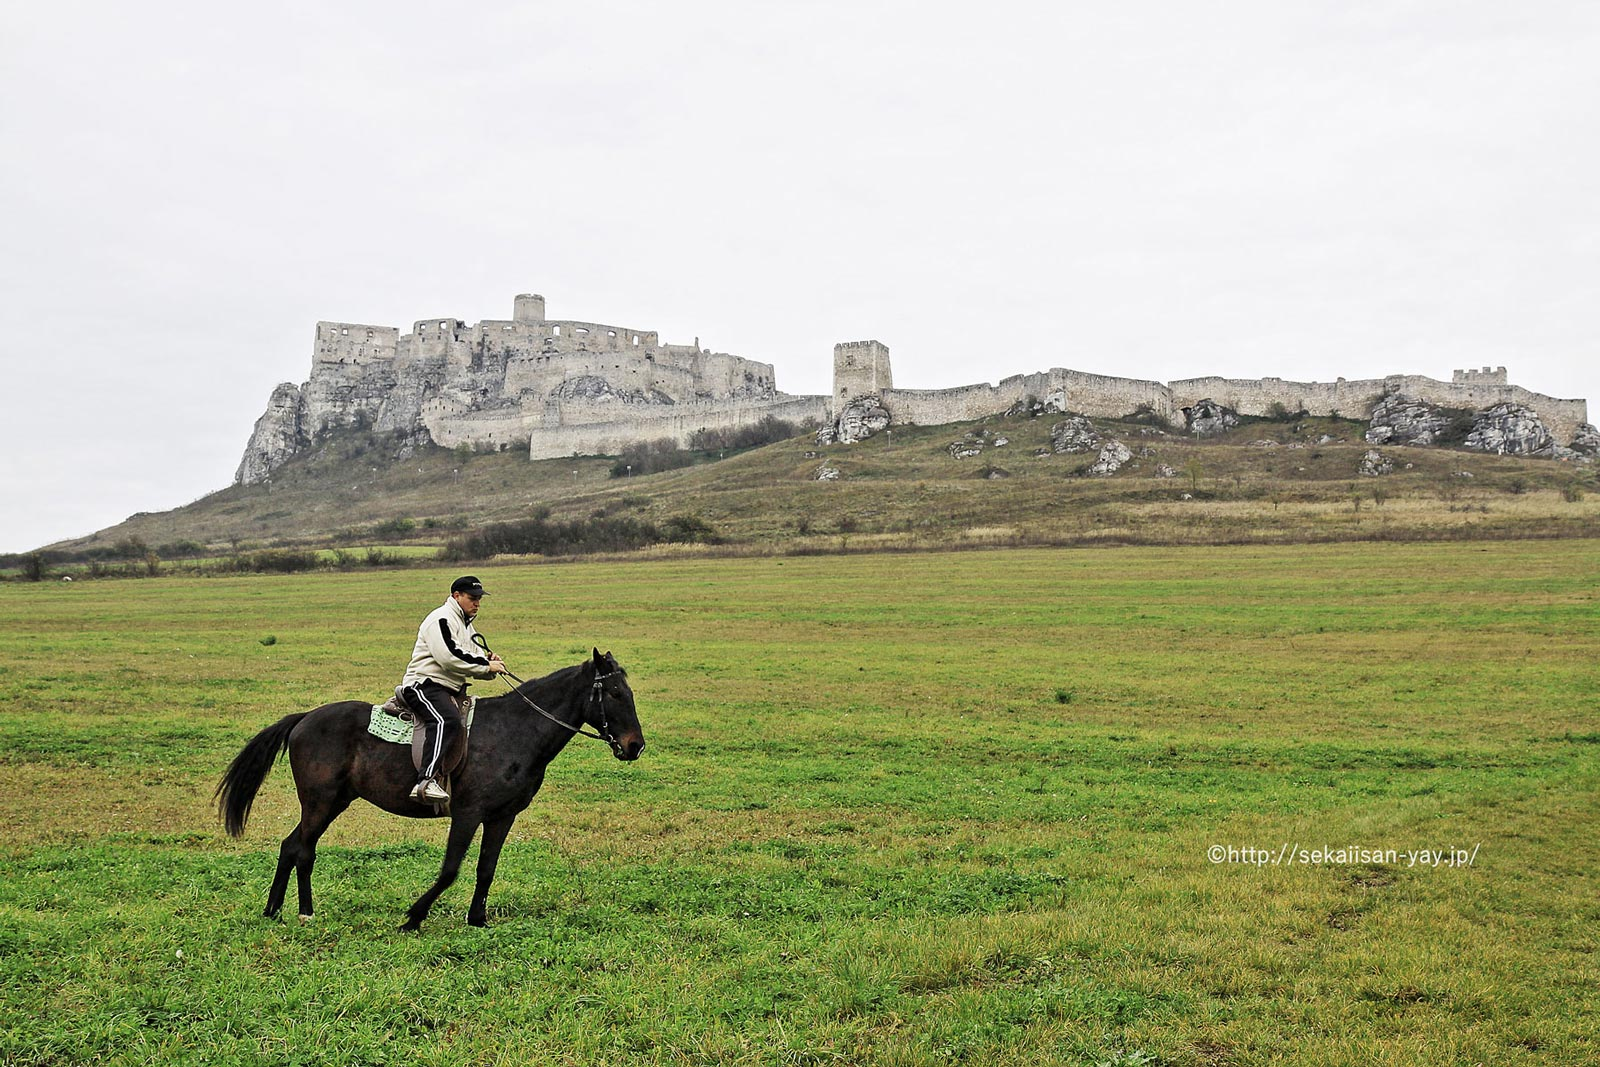 スロバキア「レヴォチャ歴史地区、スピシュスキー城及びその関連する文化財」